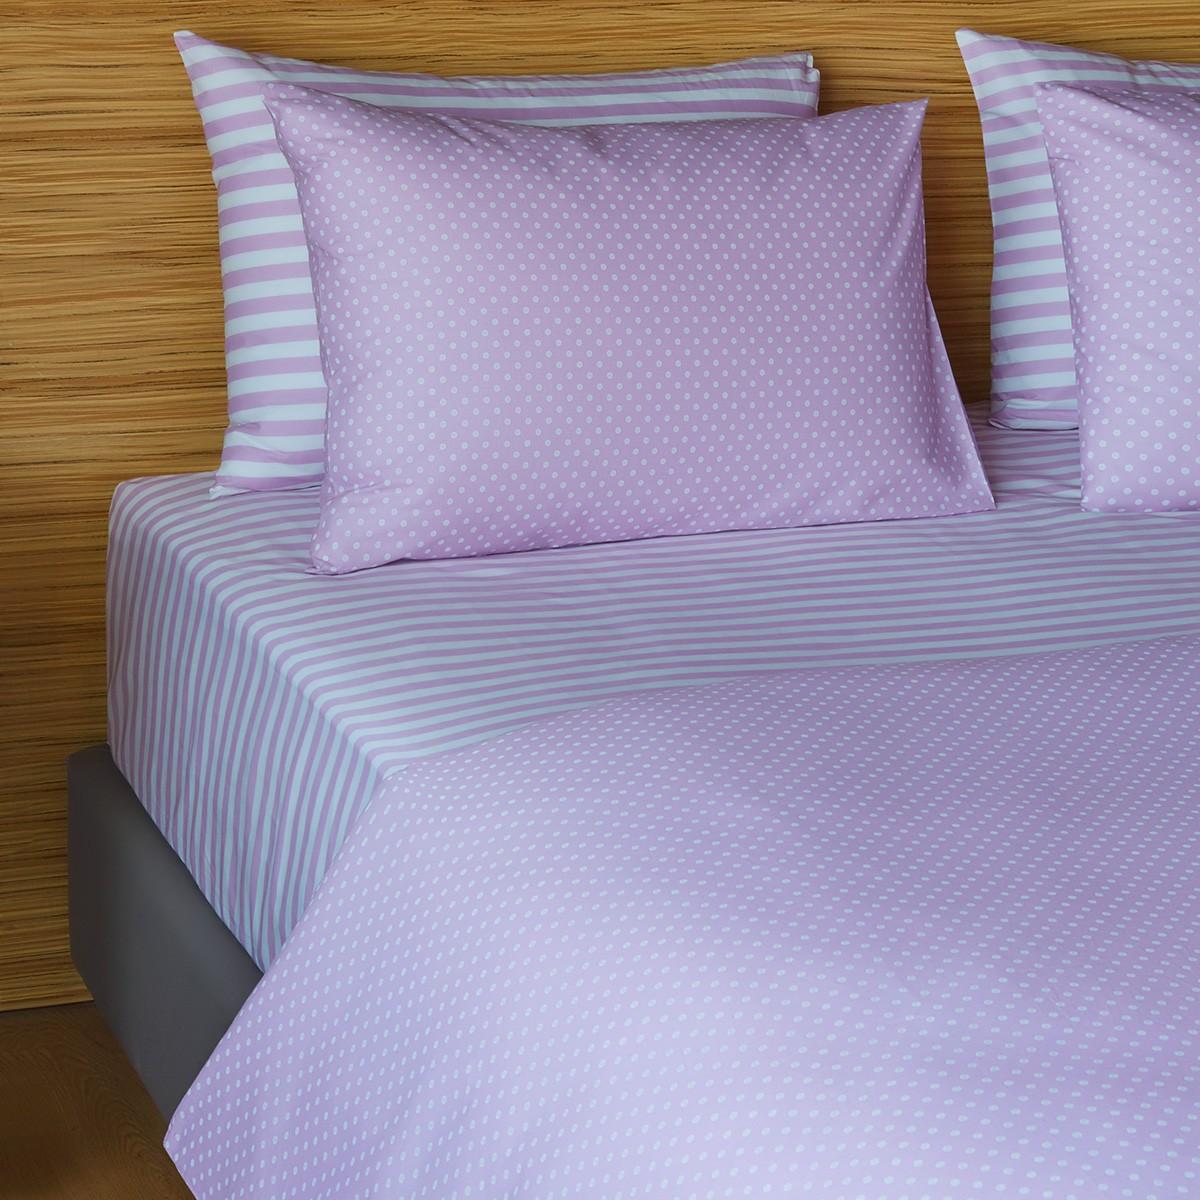 Σεντόνια Διπλά (Σετ) Melinen 12532 Lilac